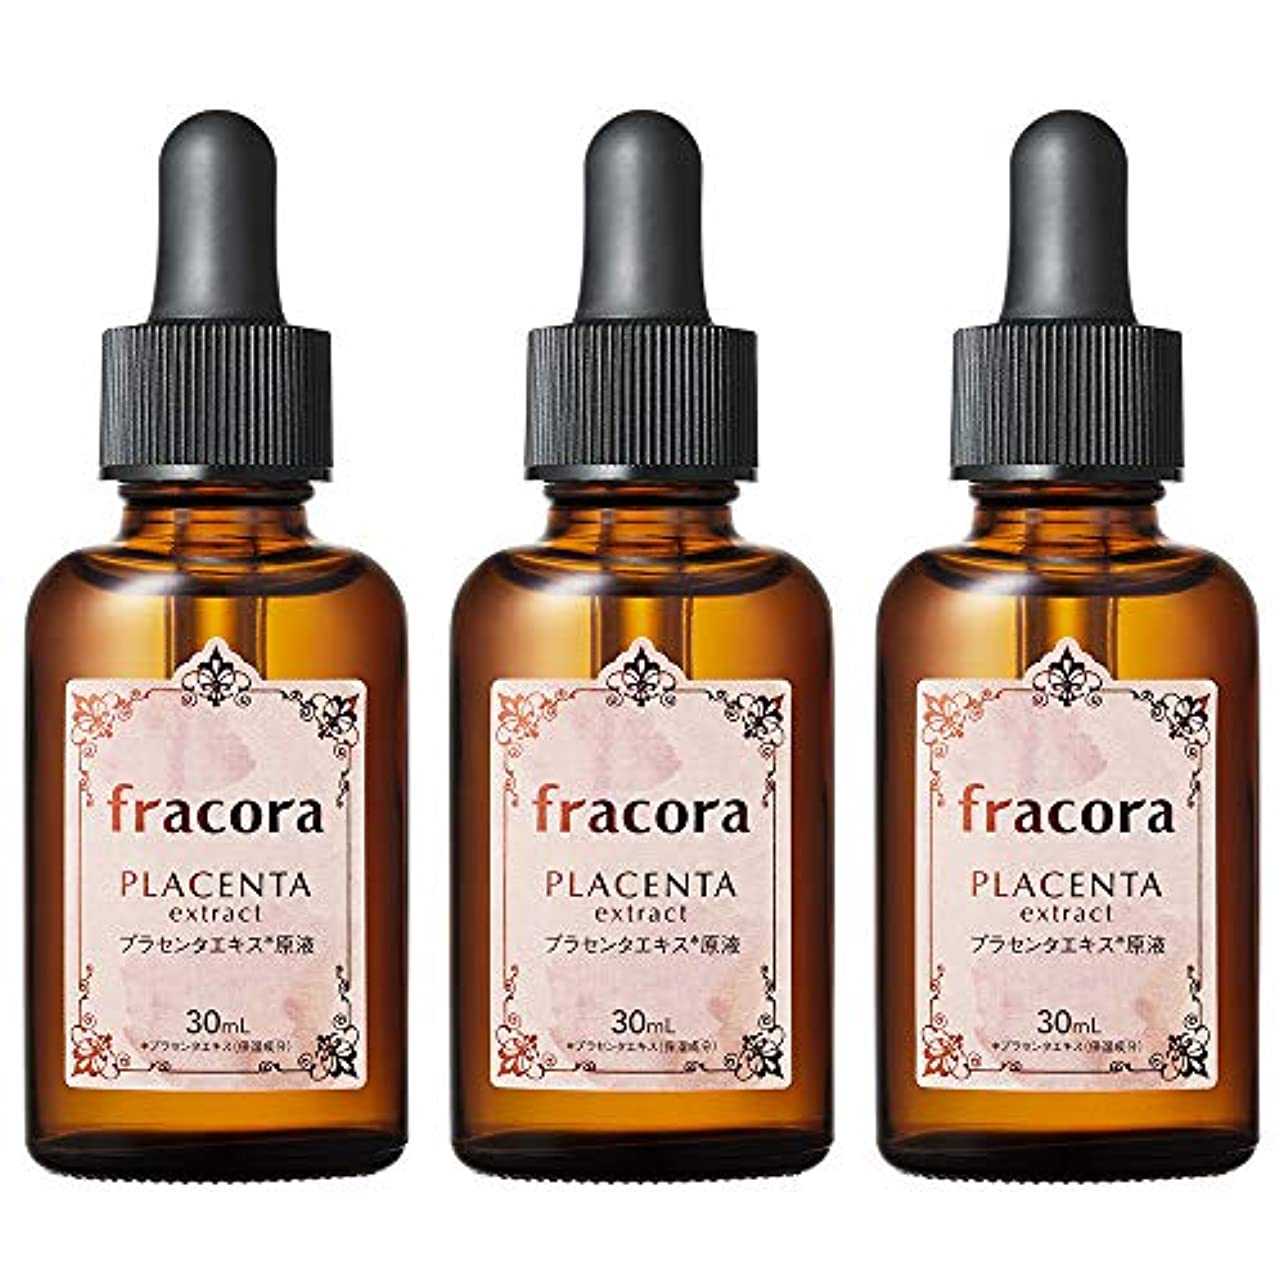 酸化する豪華なたとえフラコラ fracora プラセンタエキス原液 30mL (3本セット)